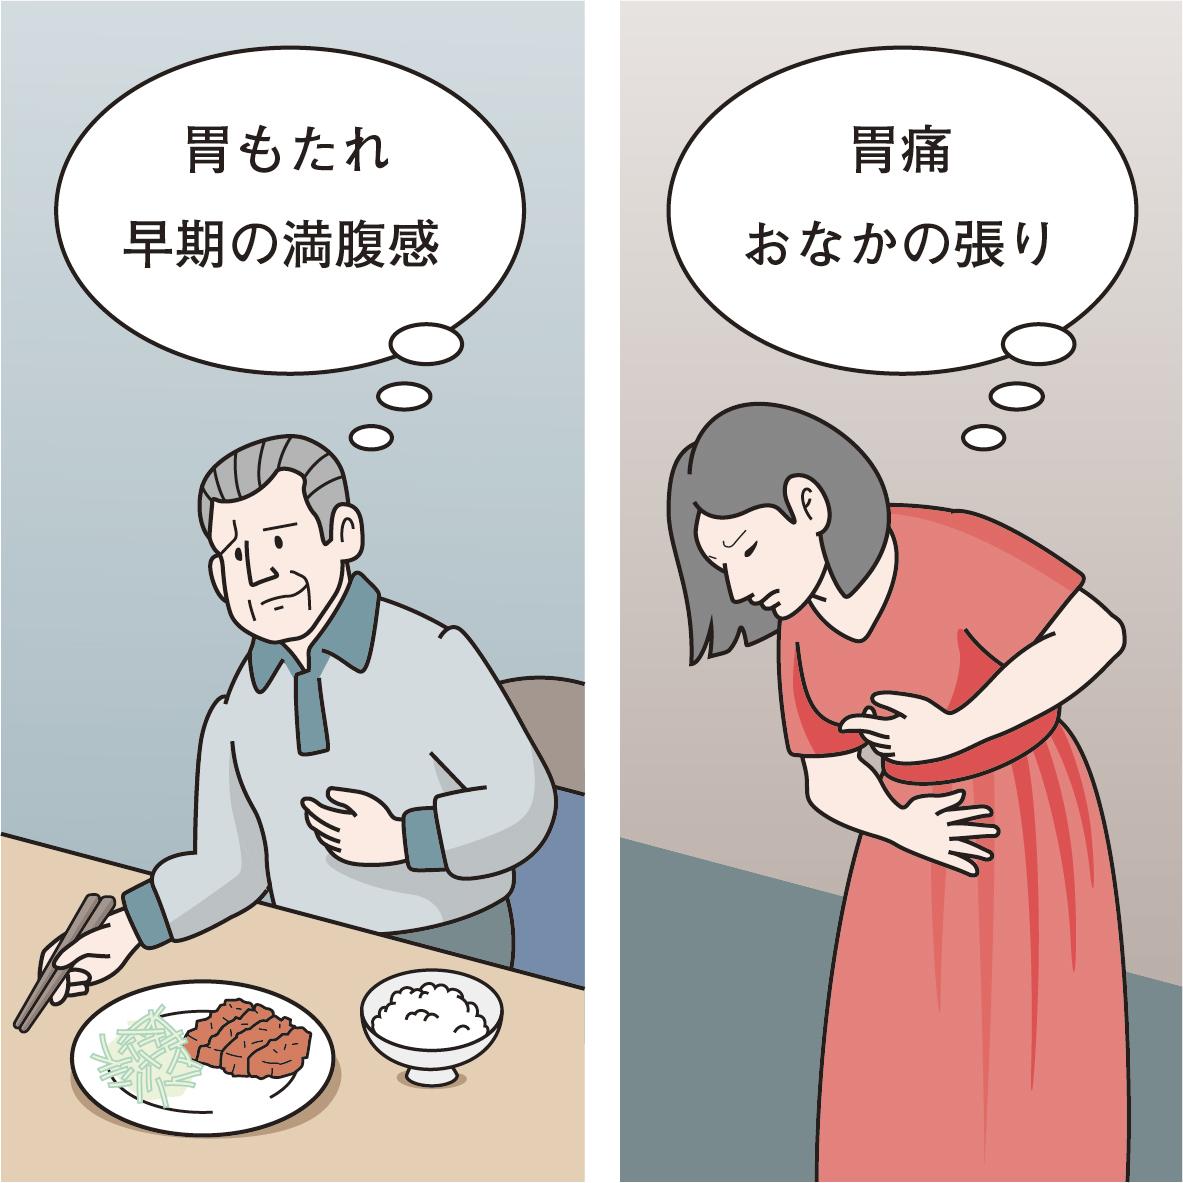 もたれ と は 胃